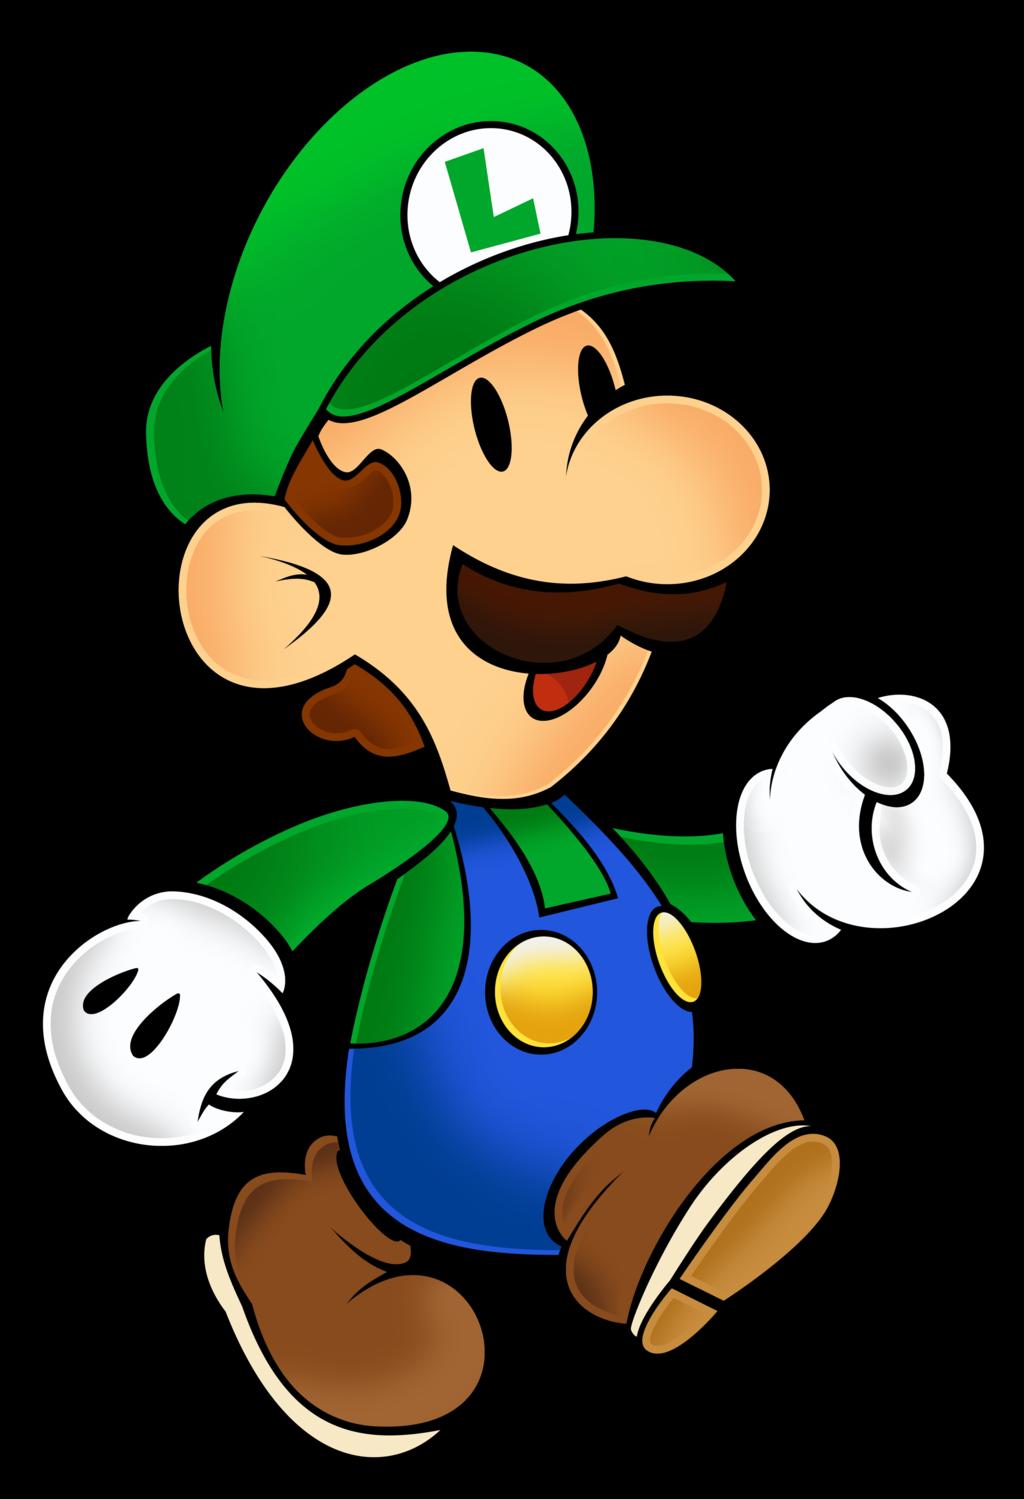 Luigi Classic Super Paper Mario 10th By Fawfulthegreat64 Paper Mario Mario Art Mario